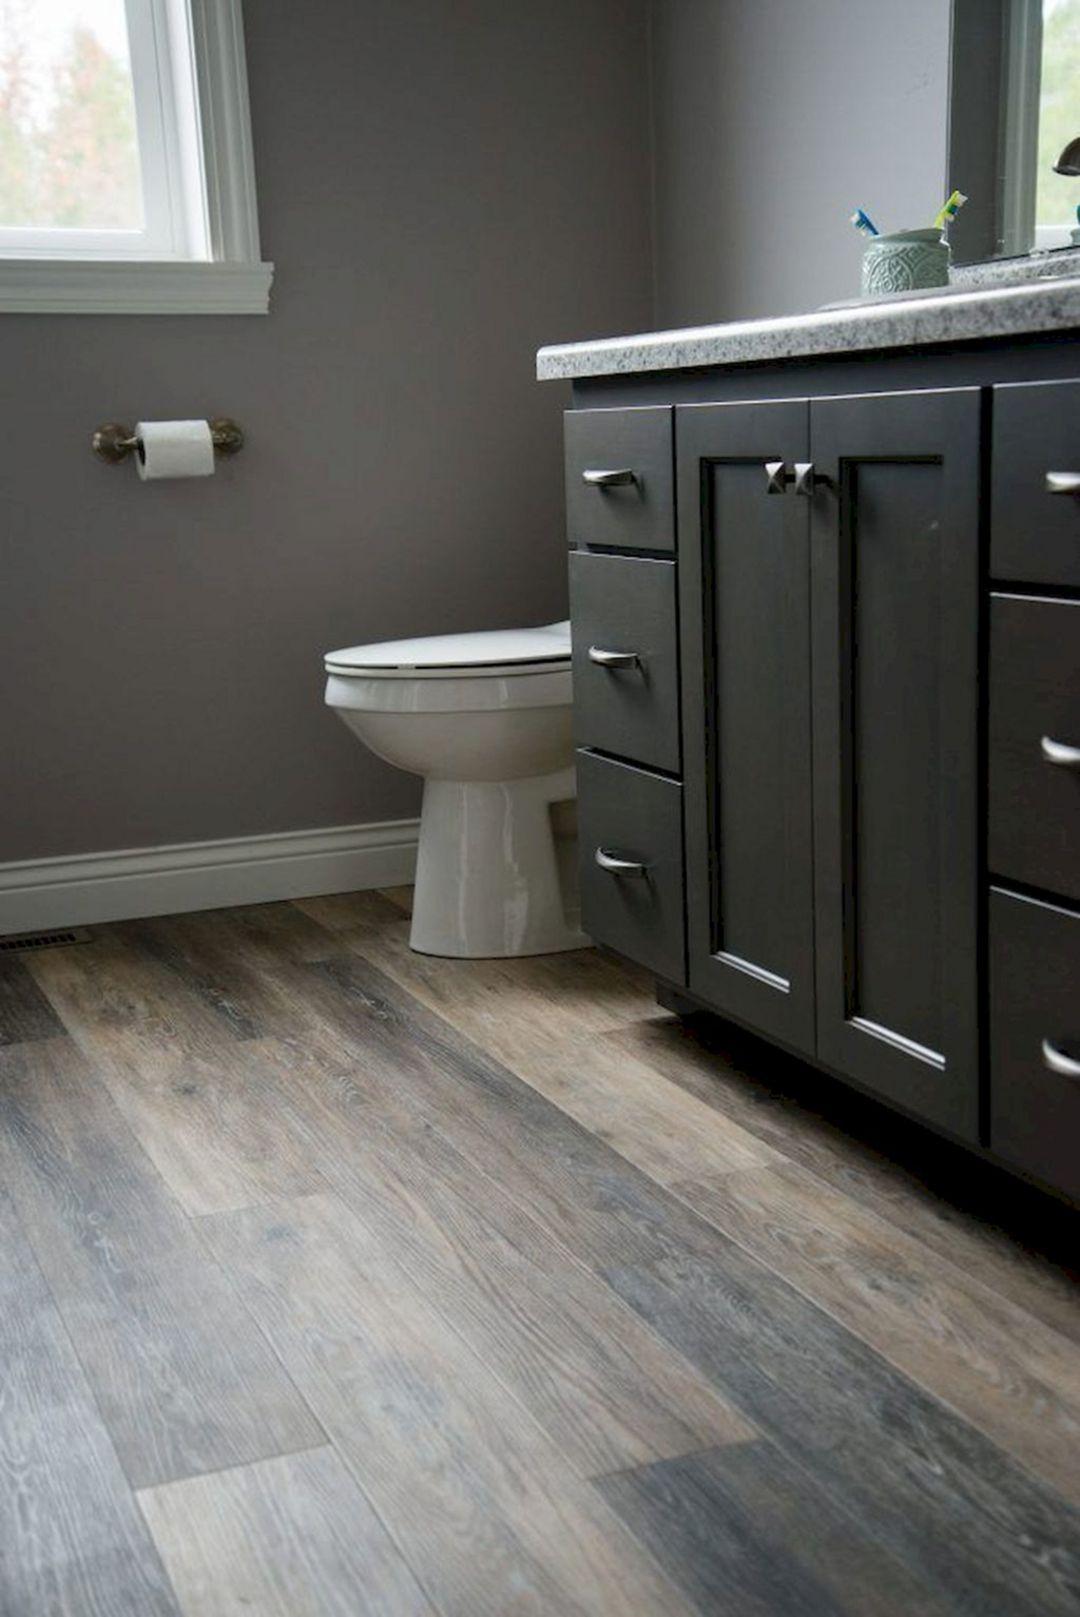 Astounding 35 Elegant Bathroom Wooden Floor Ideas To Look